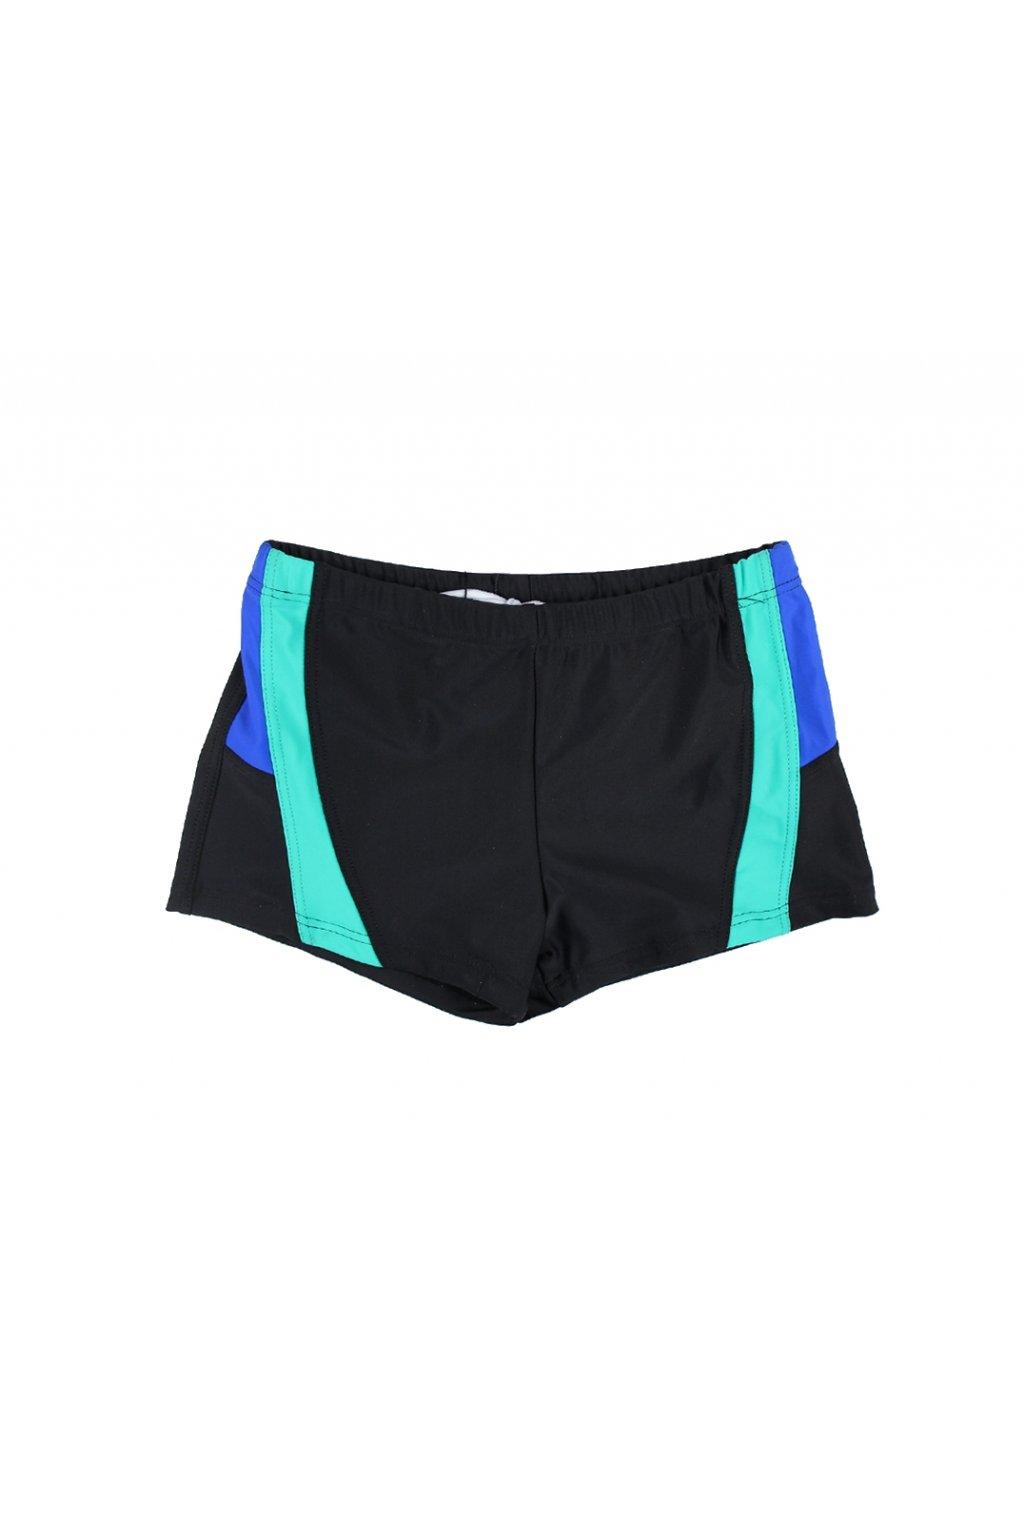 Pánské chlapecké plavky BB071